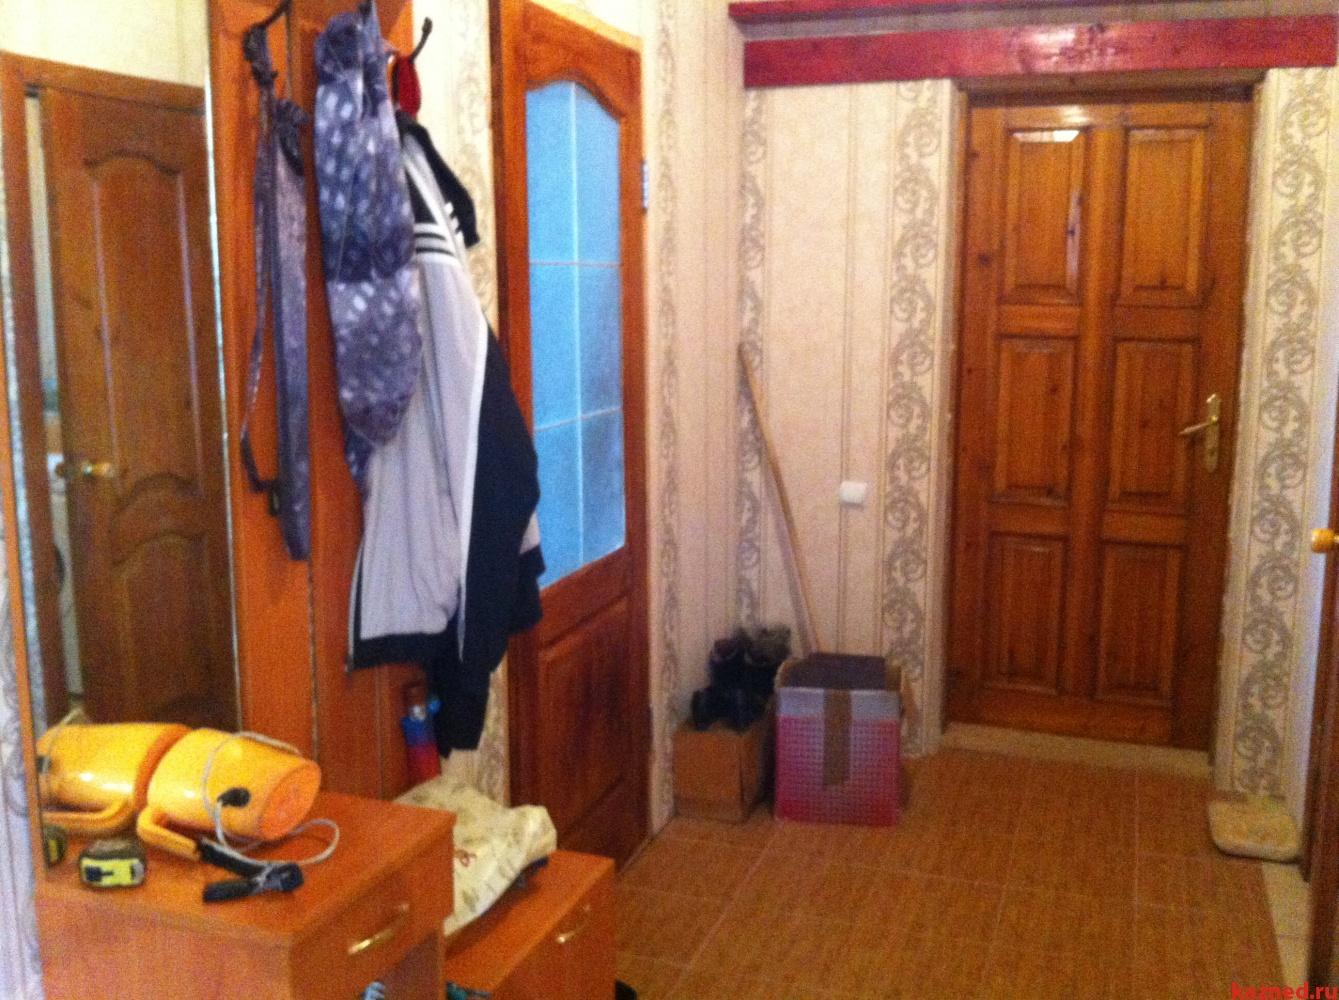 2-х эт.квартира, в Танхаусе, 100 кв.м., пос.Константиновка (миниатюра №8)